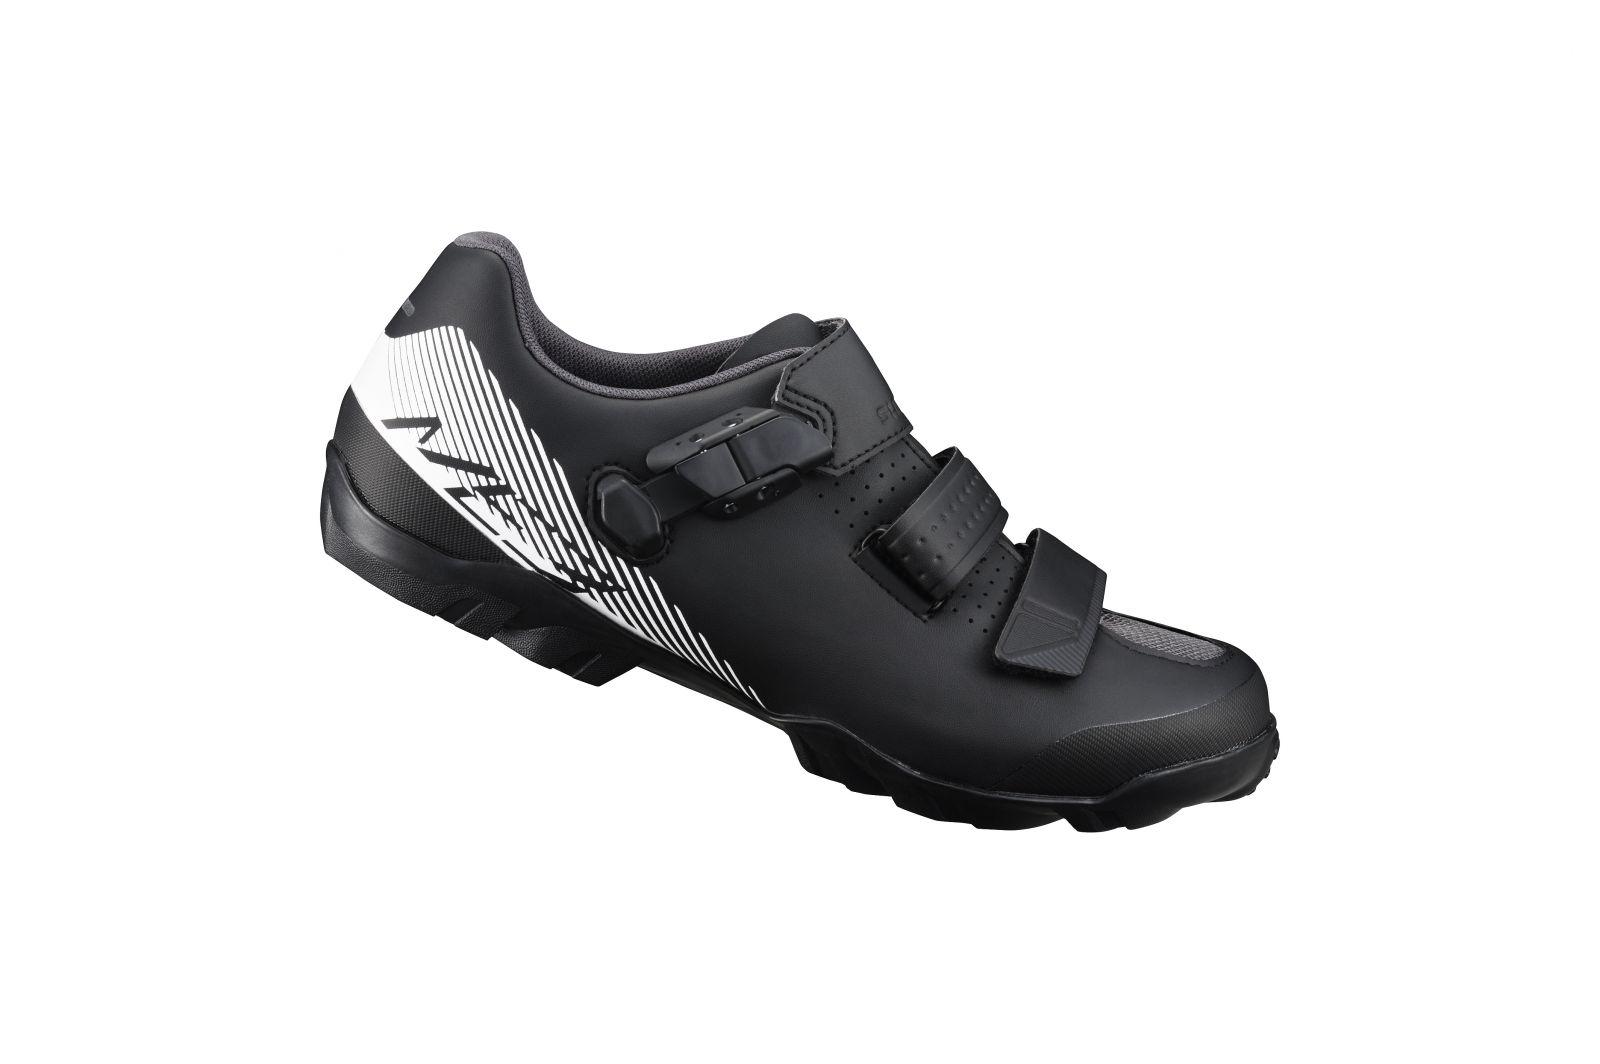 SHIMANO MTB obuv SH-ME300ML, černá, 48